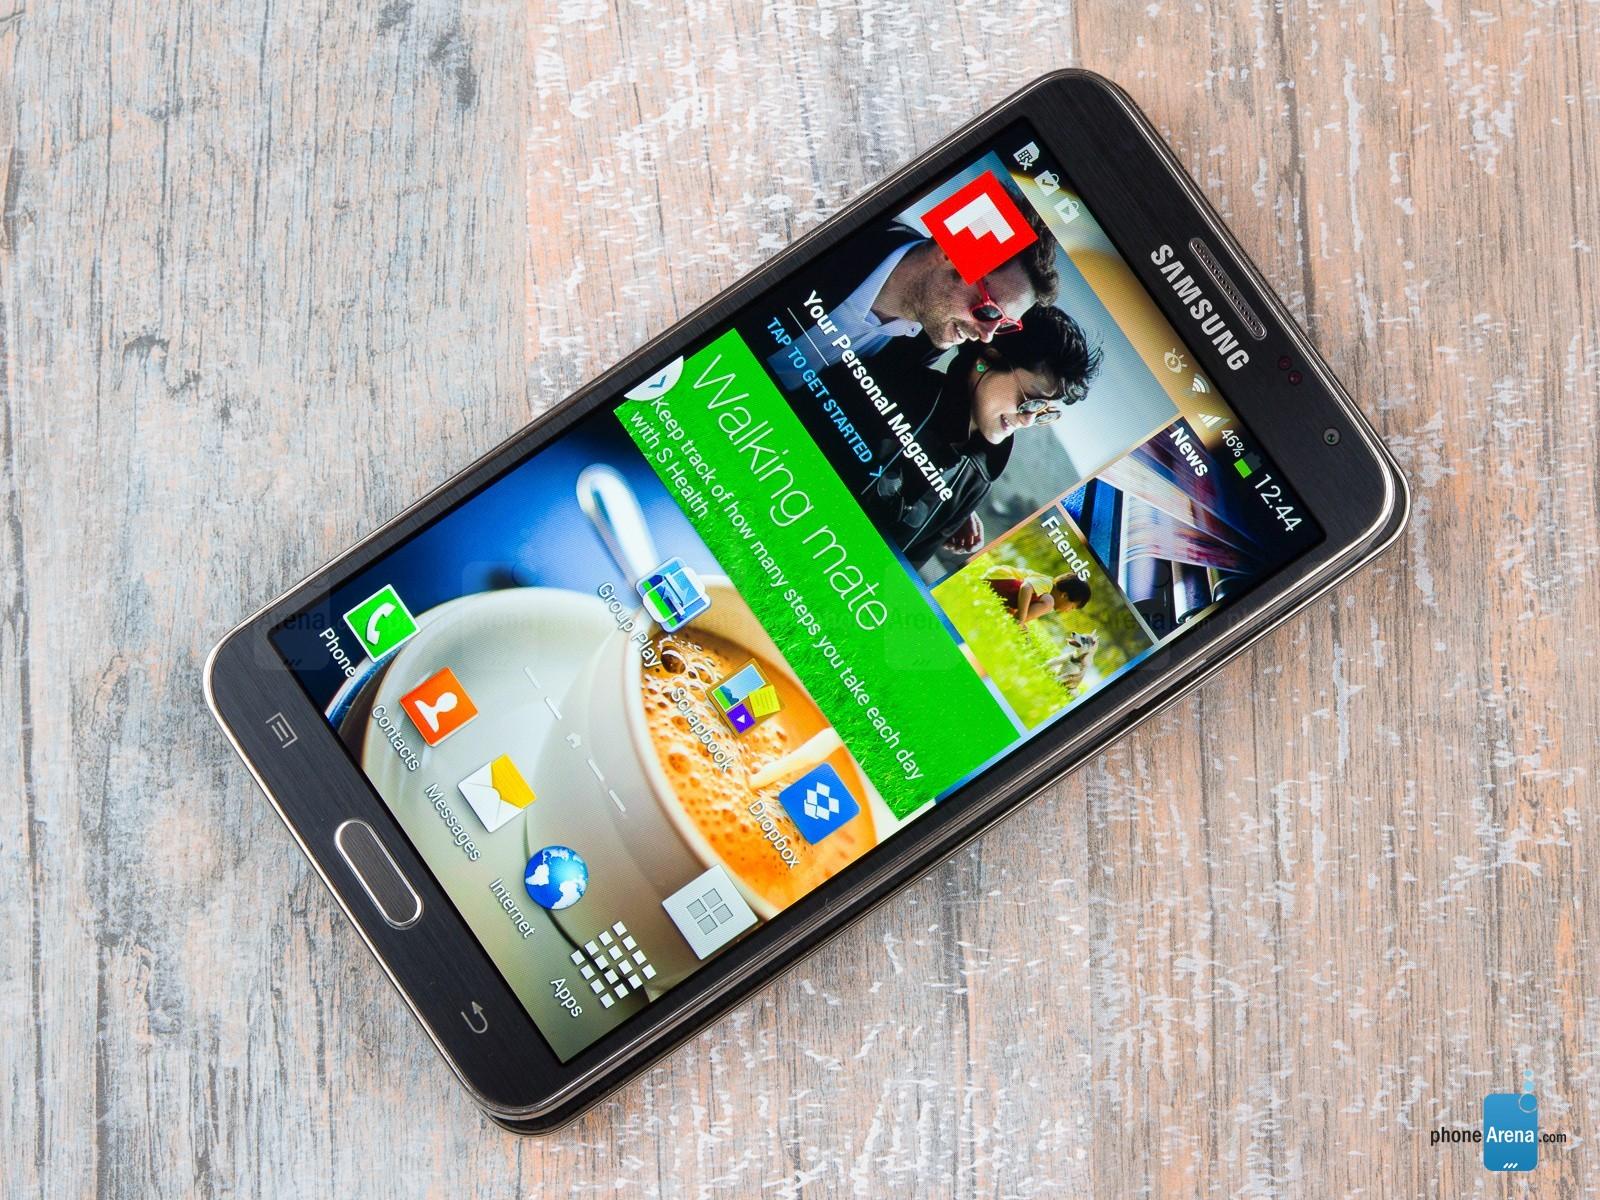 Galaxy-Note-3-Neo-vs-Note-3-design